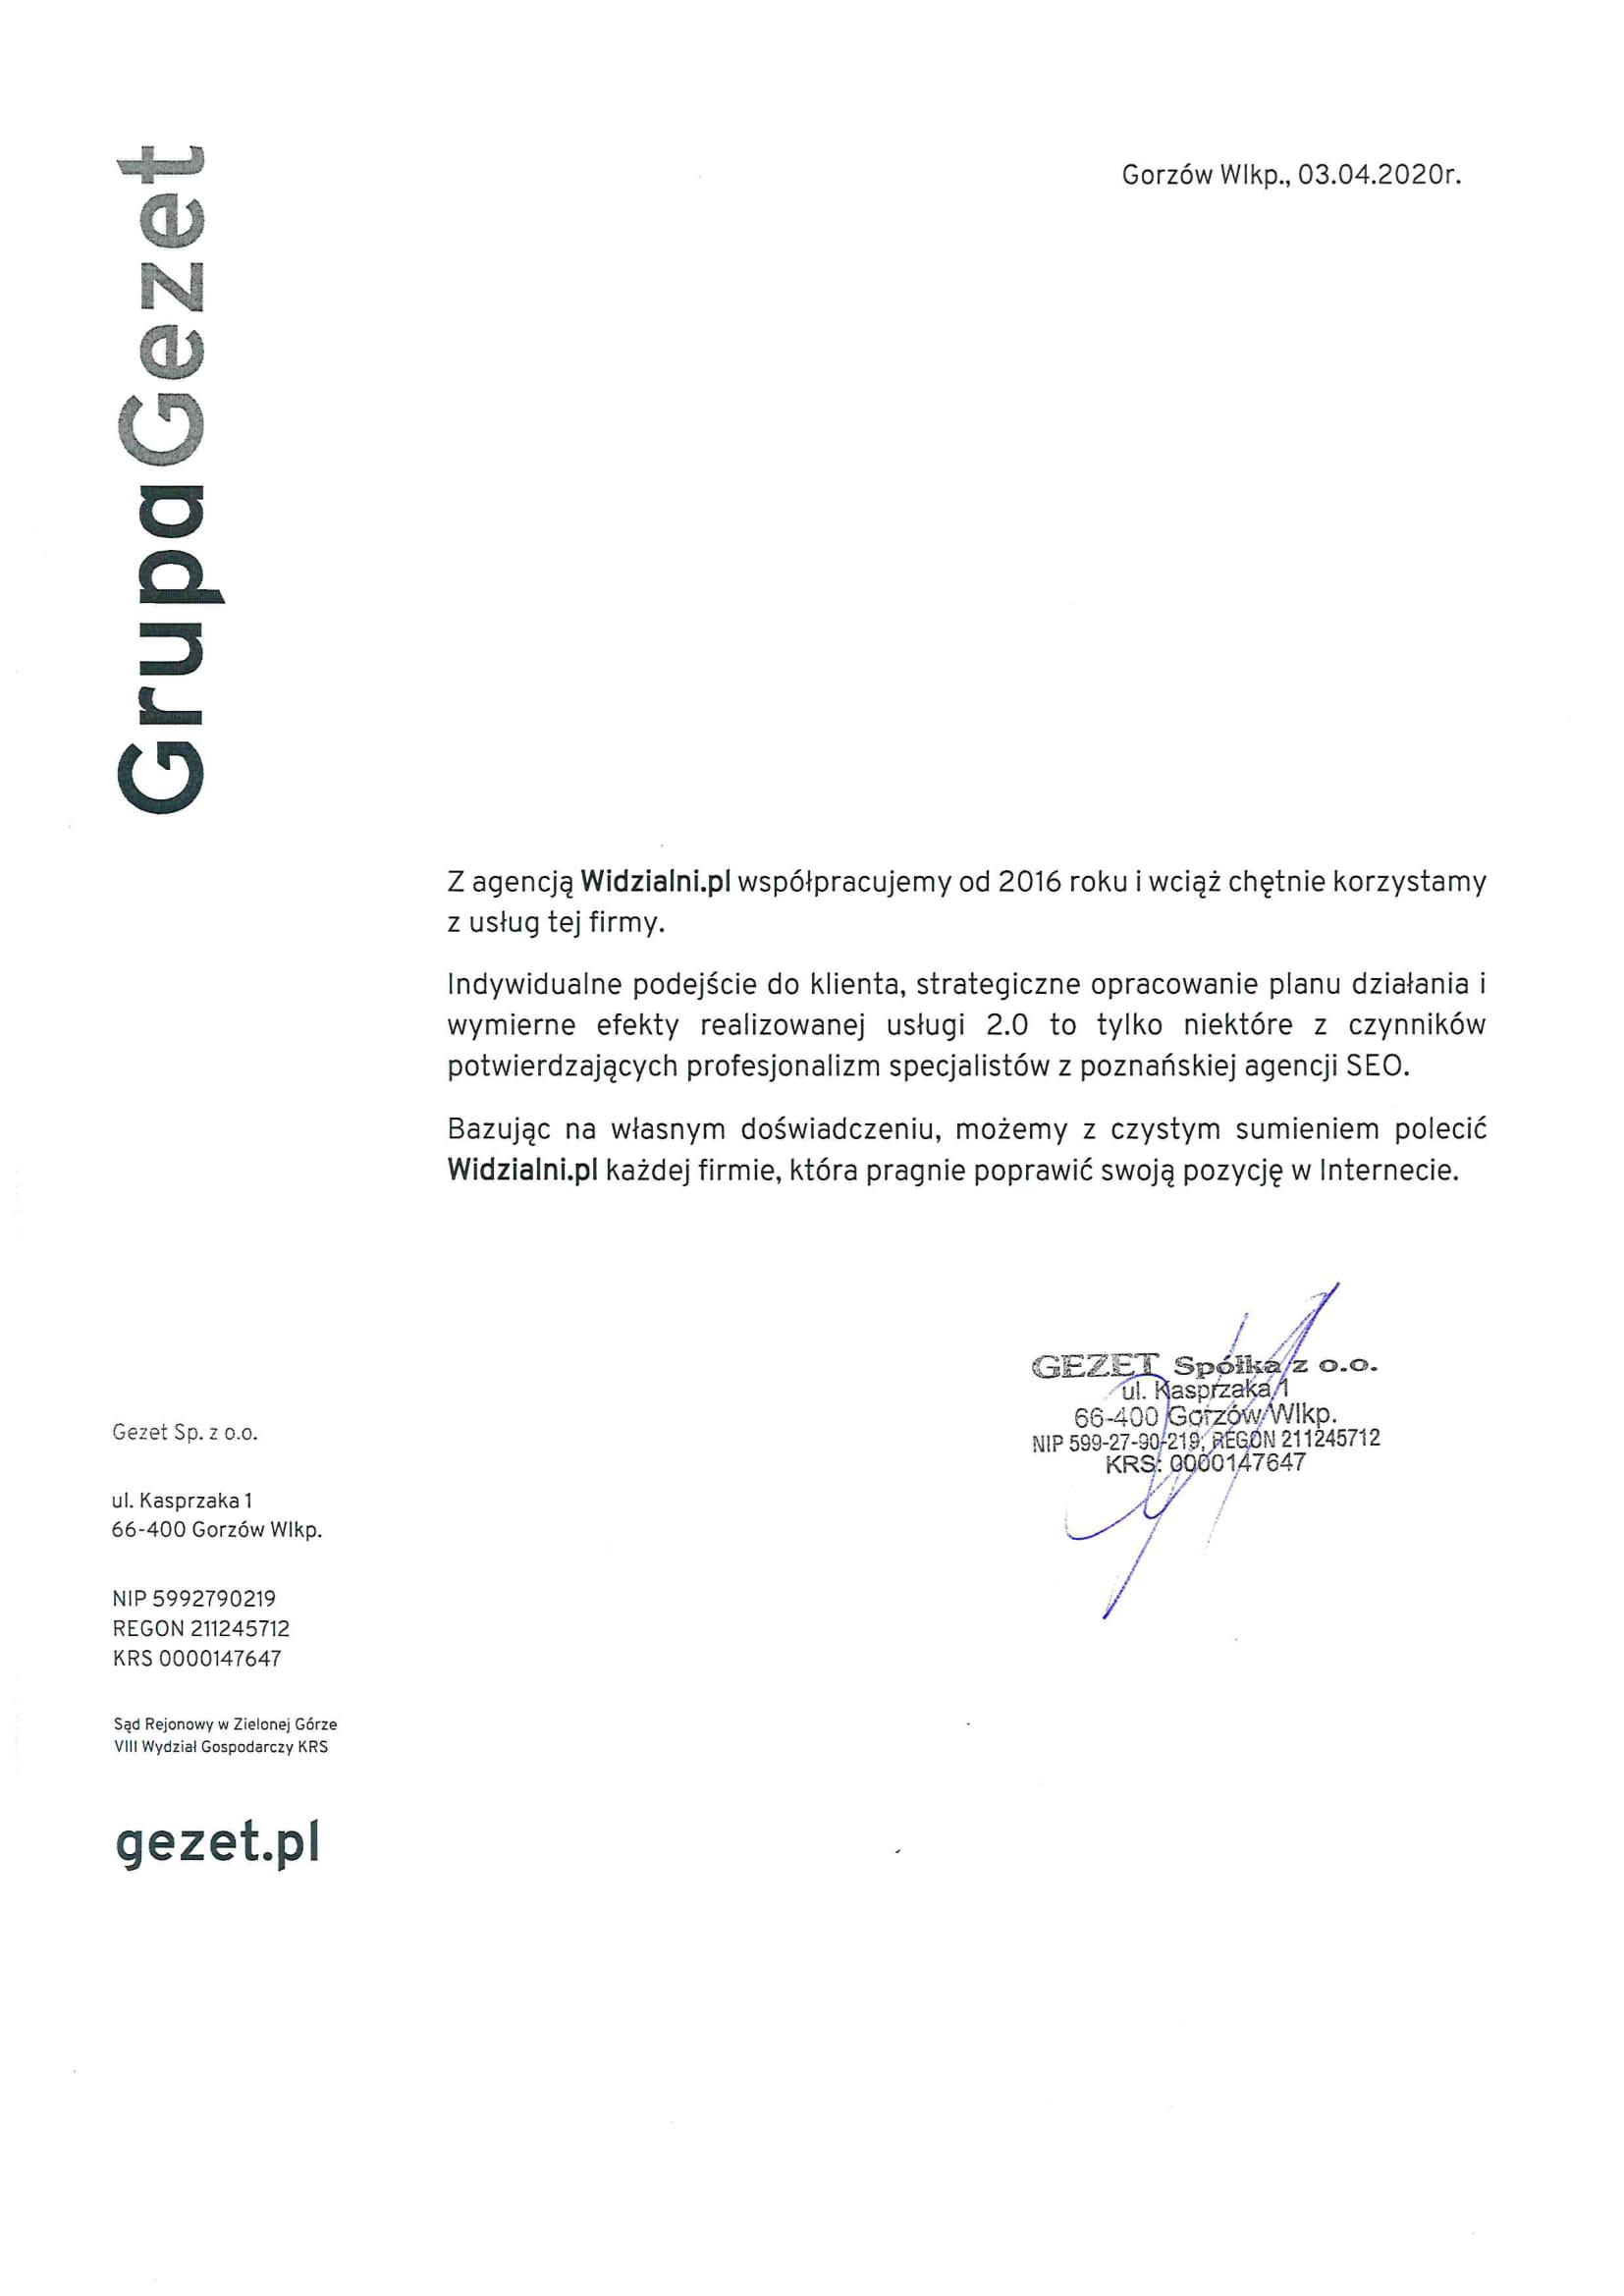 Referencje Widzialni.pl Gezet Sp.z o.o